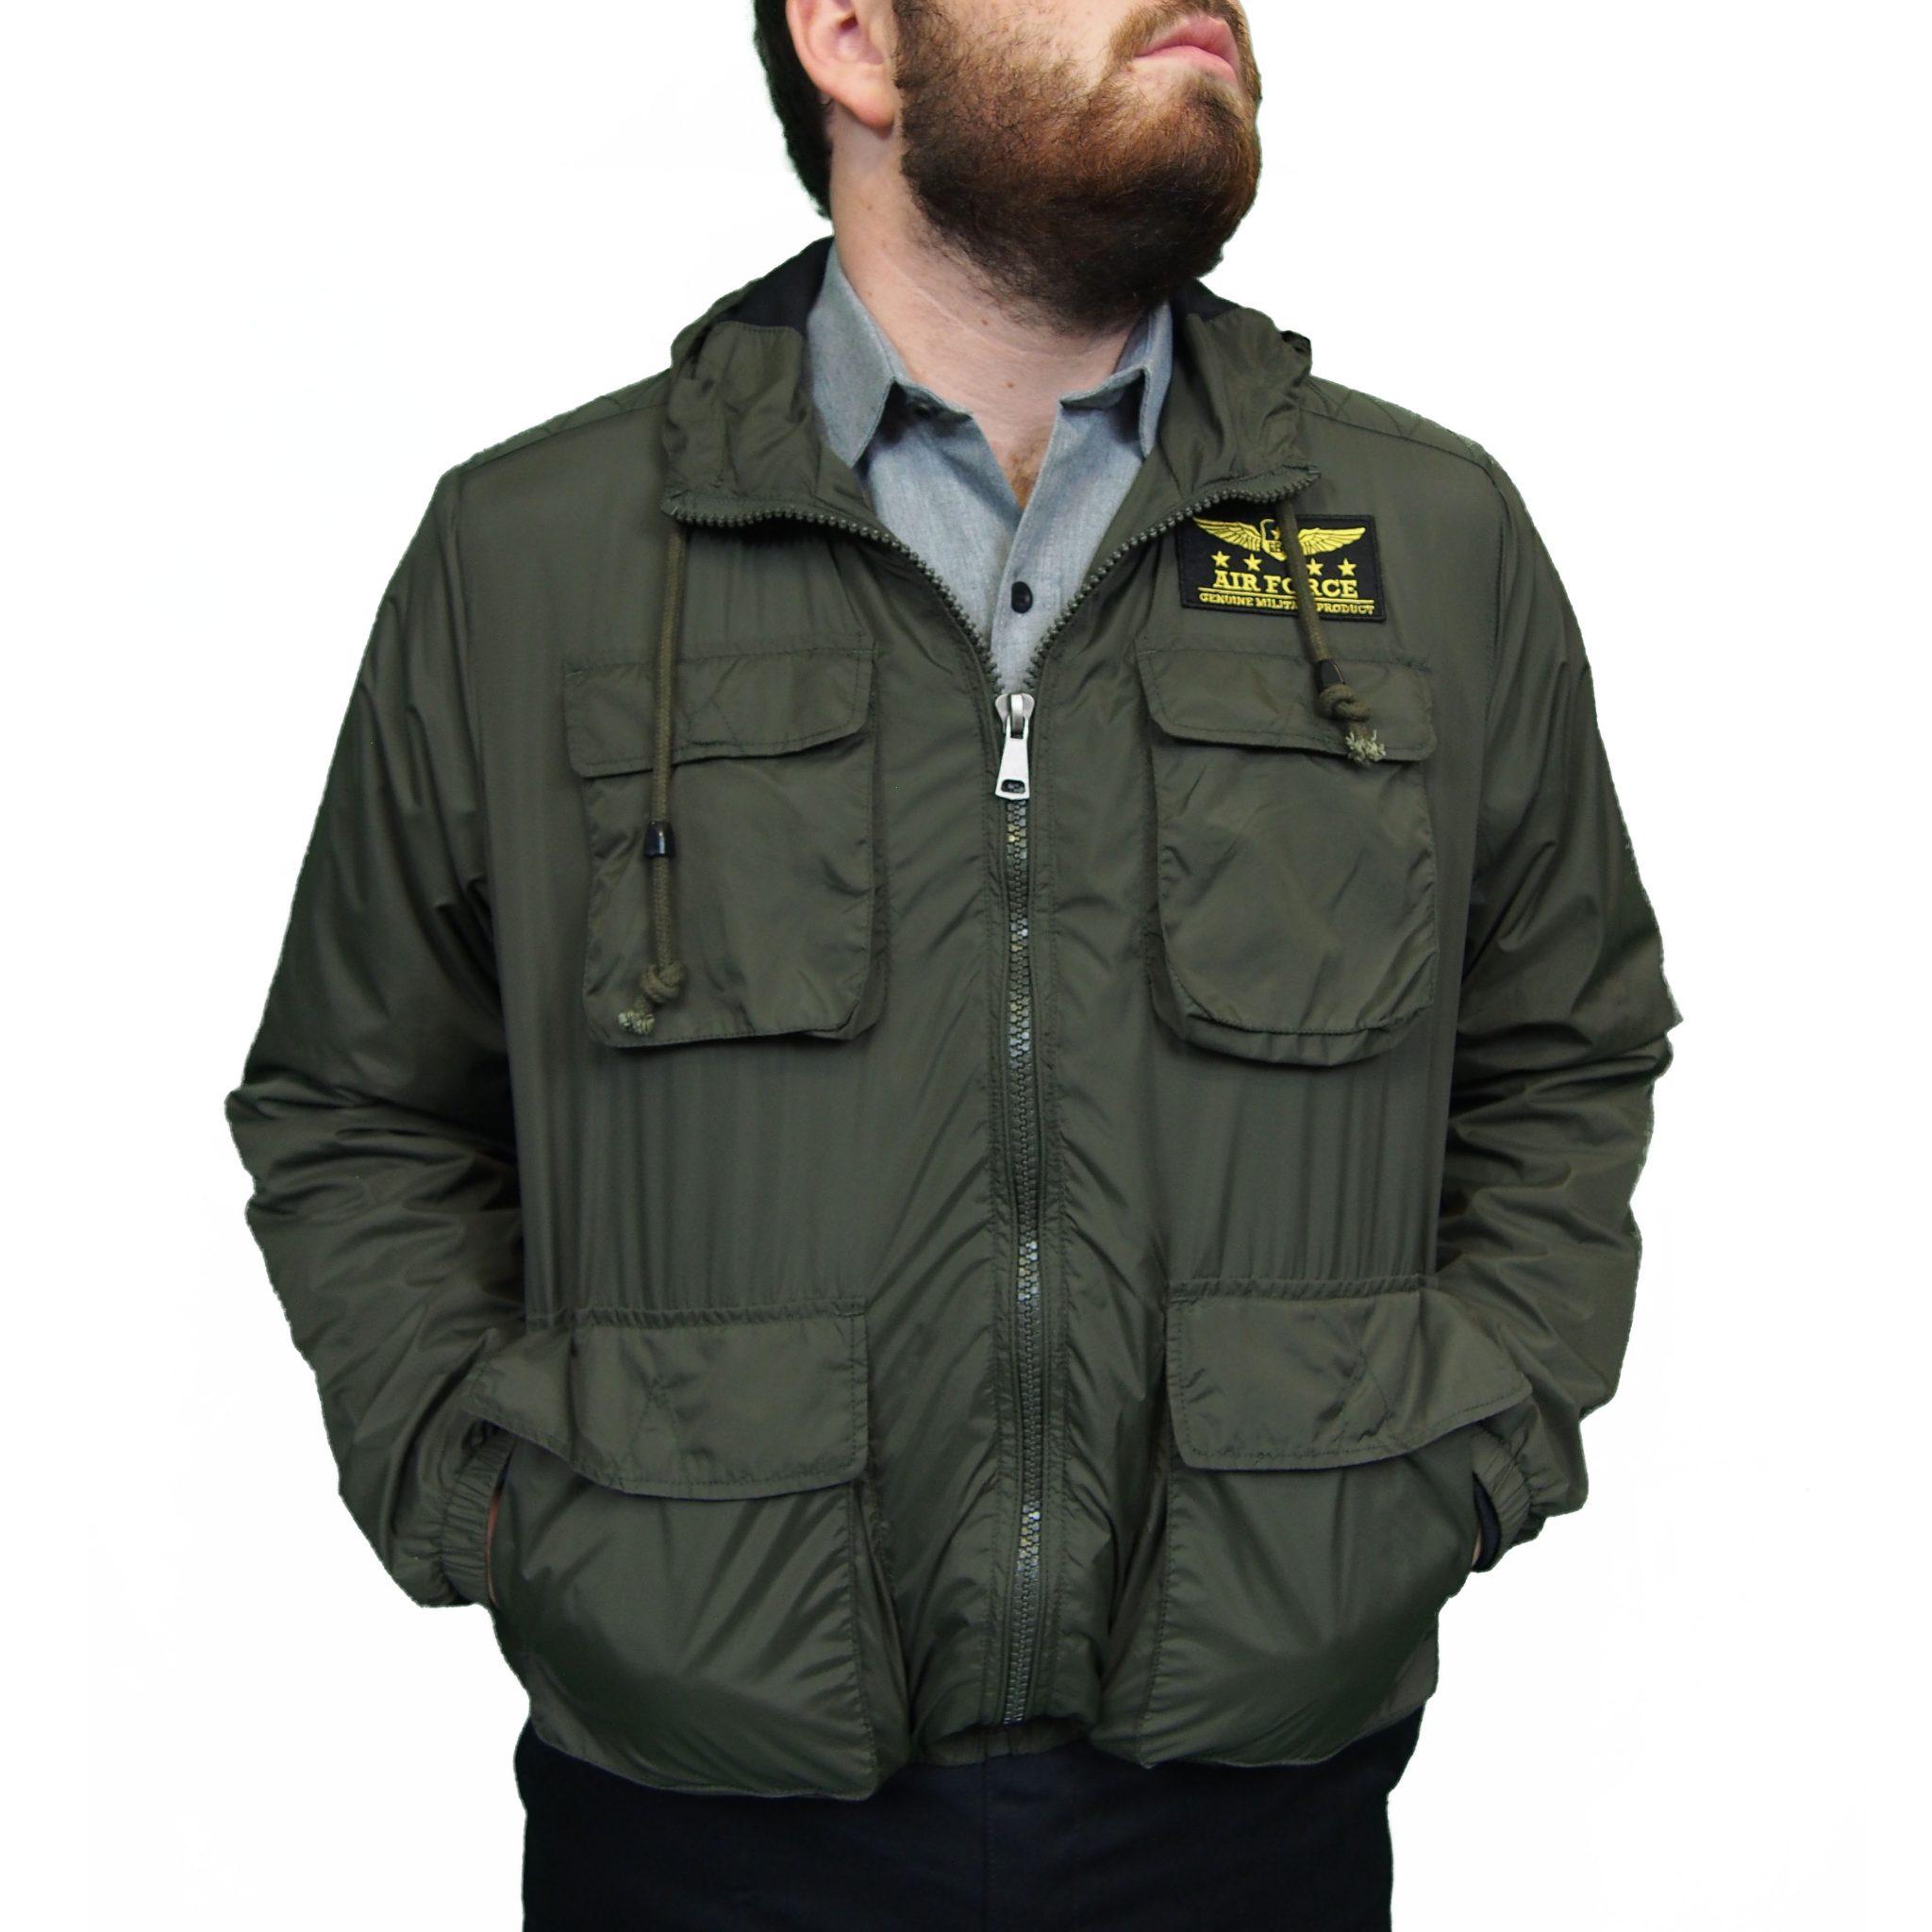 Mil-Tec Air Force Jacket